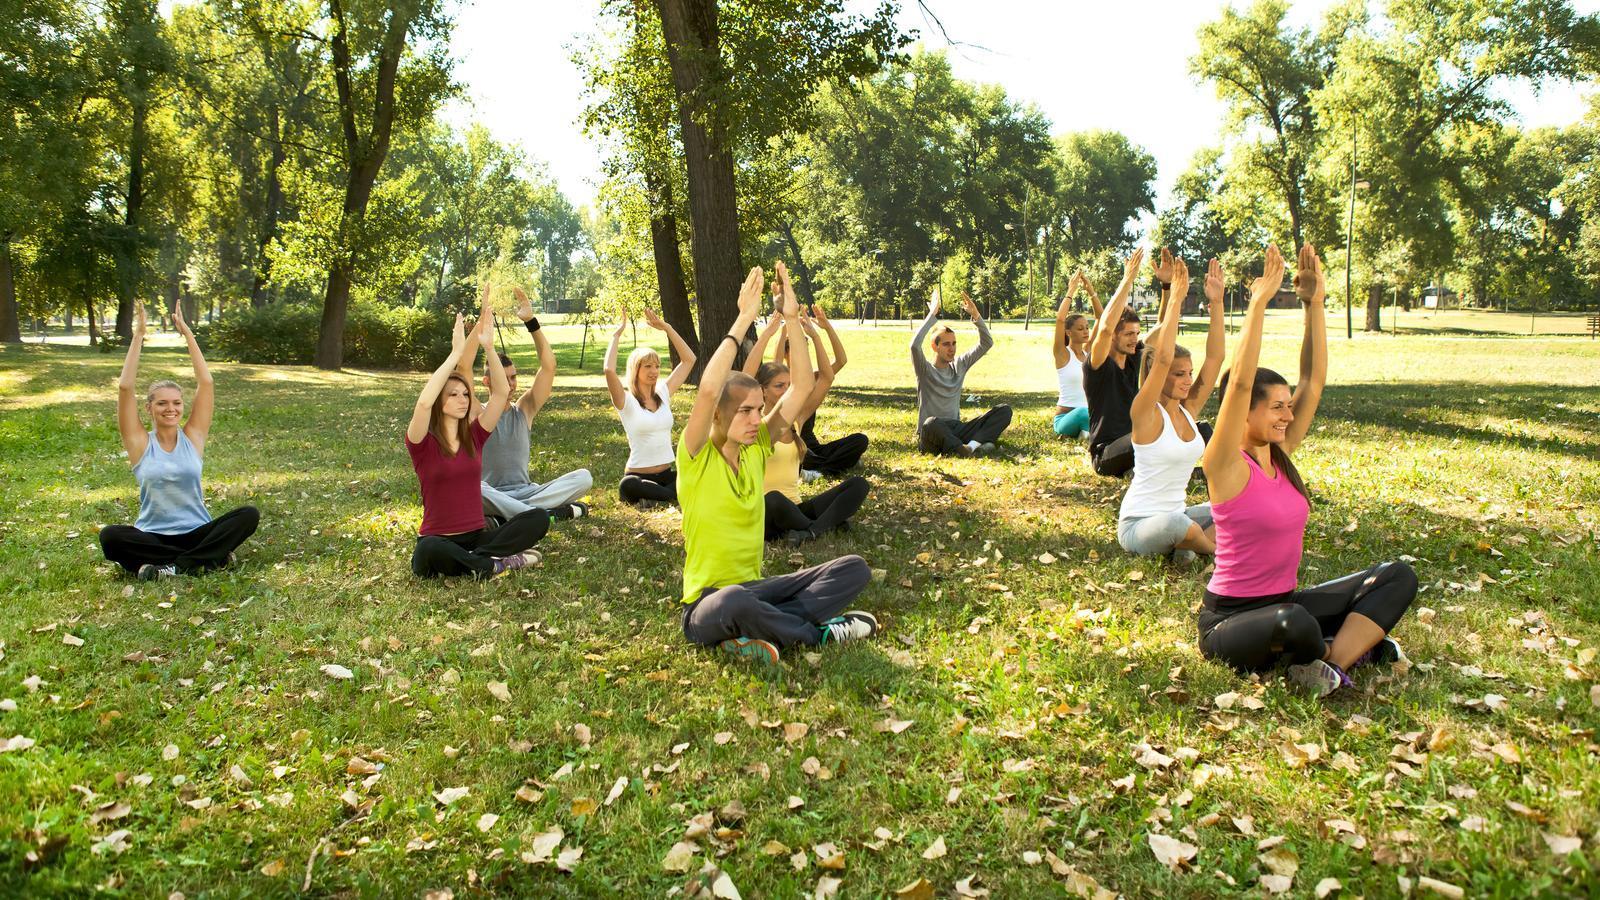 Practica conjunta de ioga en un parc